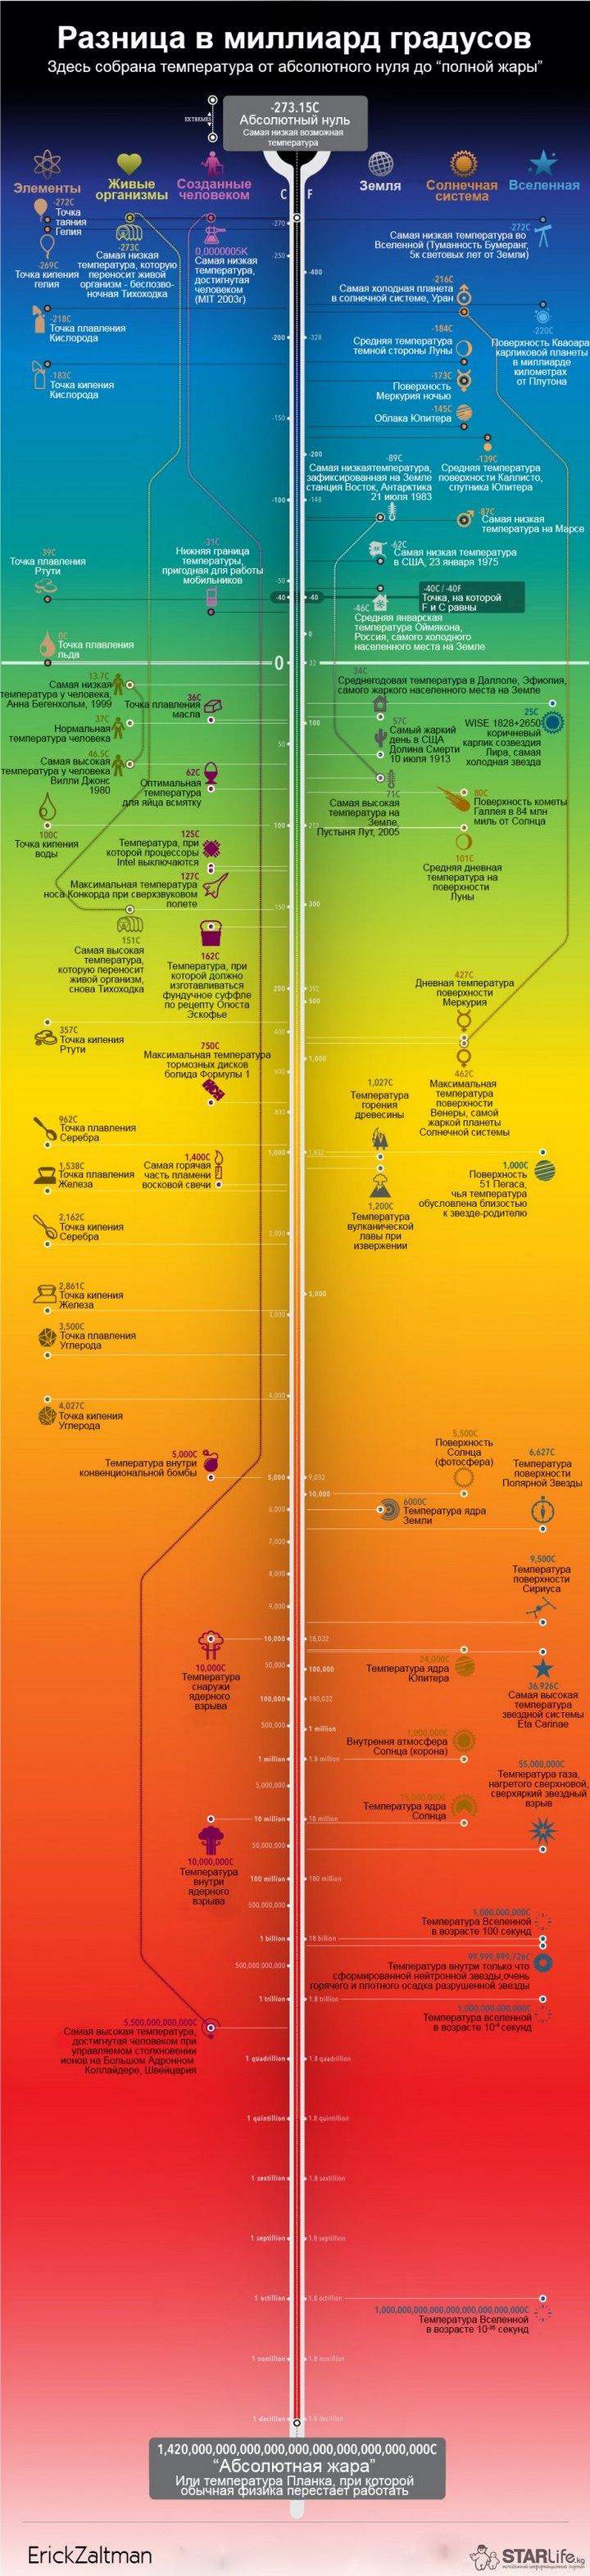 Инфографика. Диапазон температур известный человеку